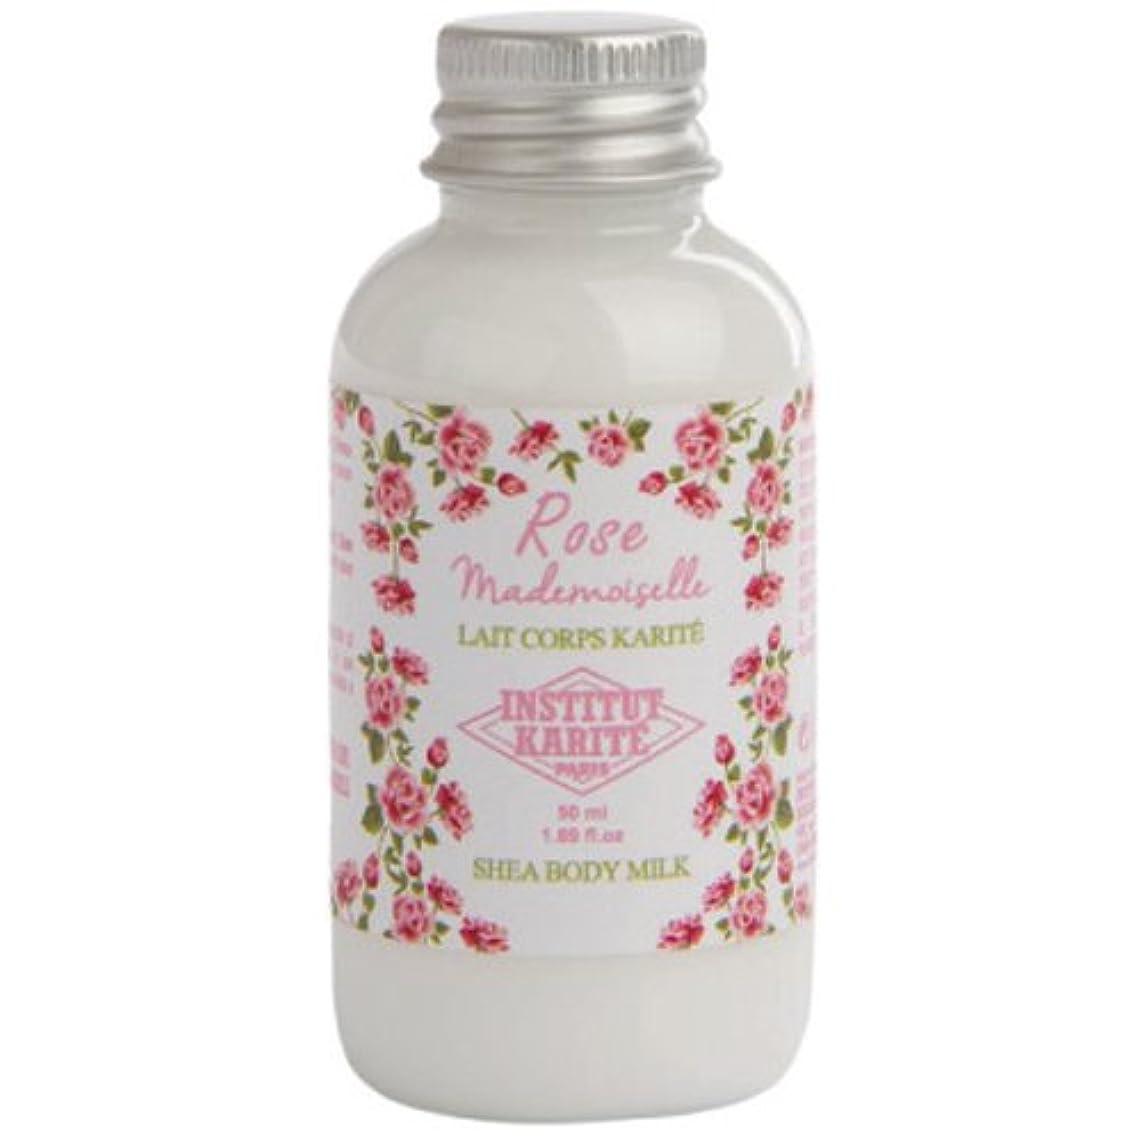 農学兵器庫端末INSTITUT KARITE カリテ Rose Mademoiselle クラシックローズ Travel Shea Body Milk 50ml